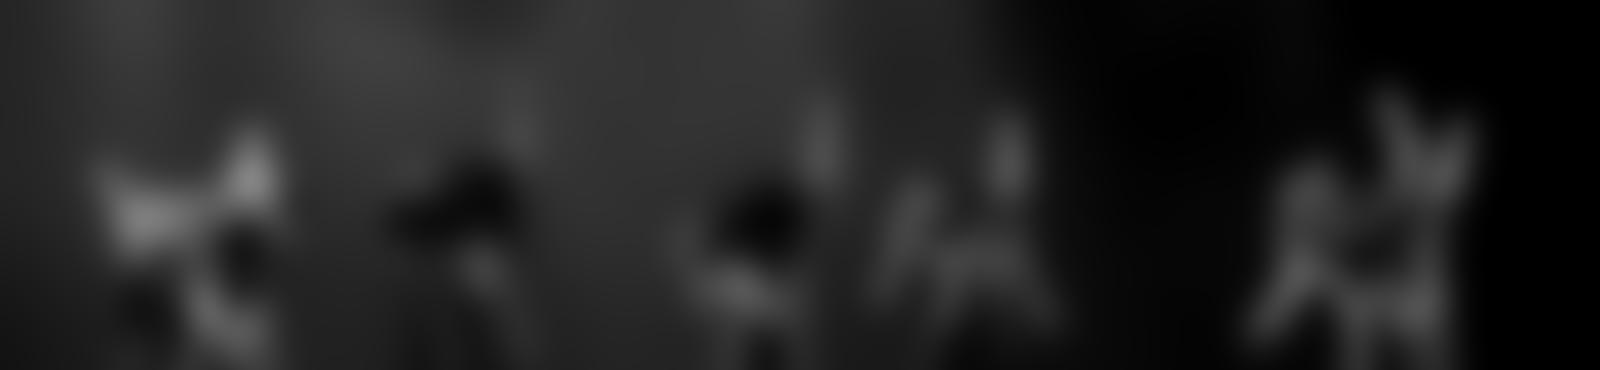 Blurred 54fbba9b 2b02 49ad a0d1 5e5fb0d4cc24